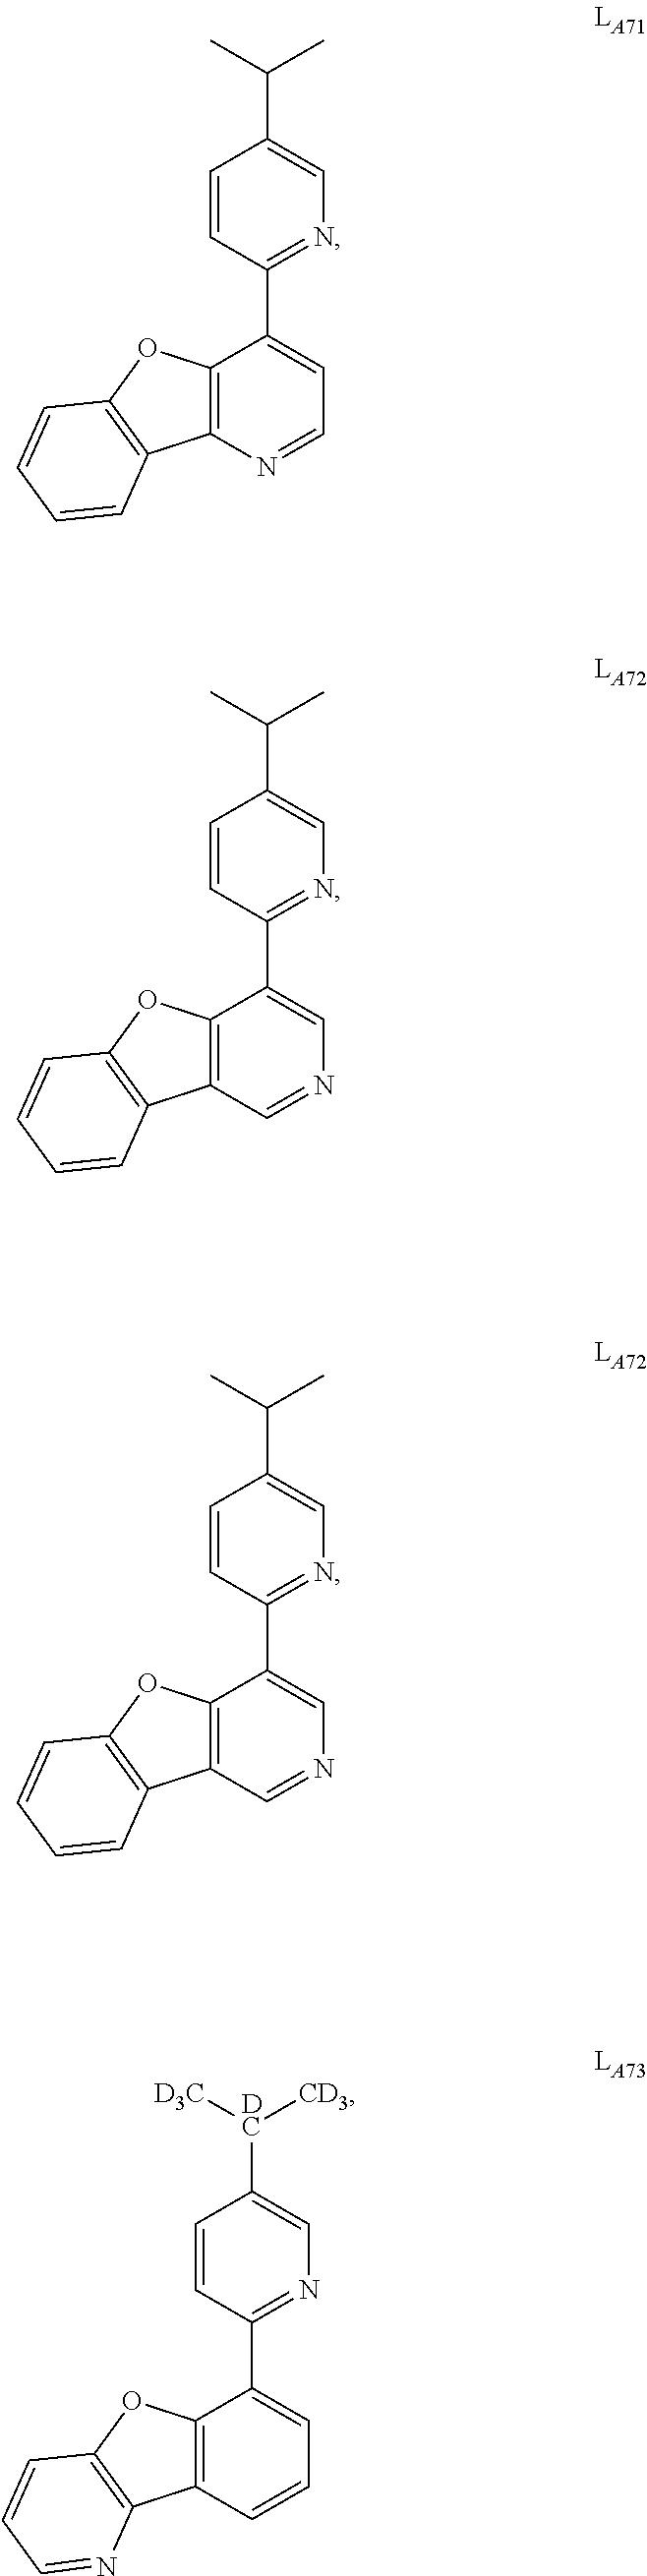 Figure US09634264-20170425-C00065